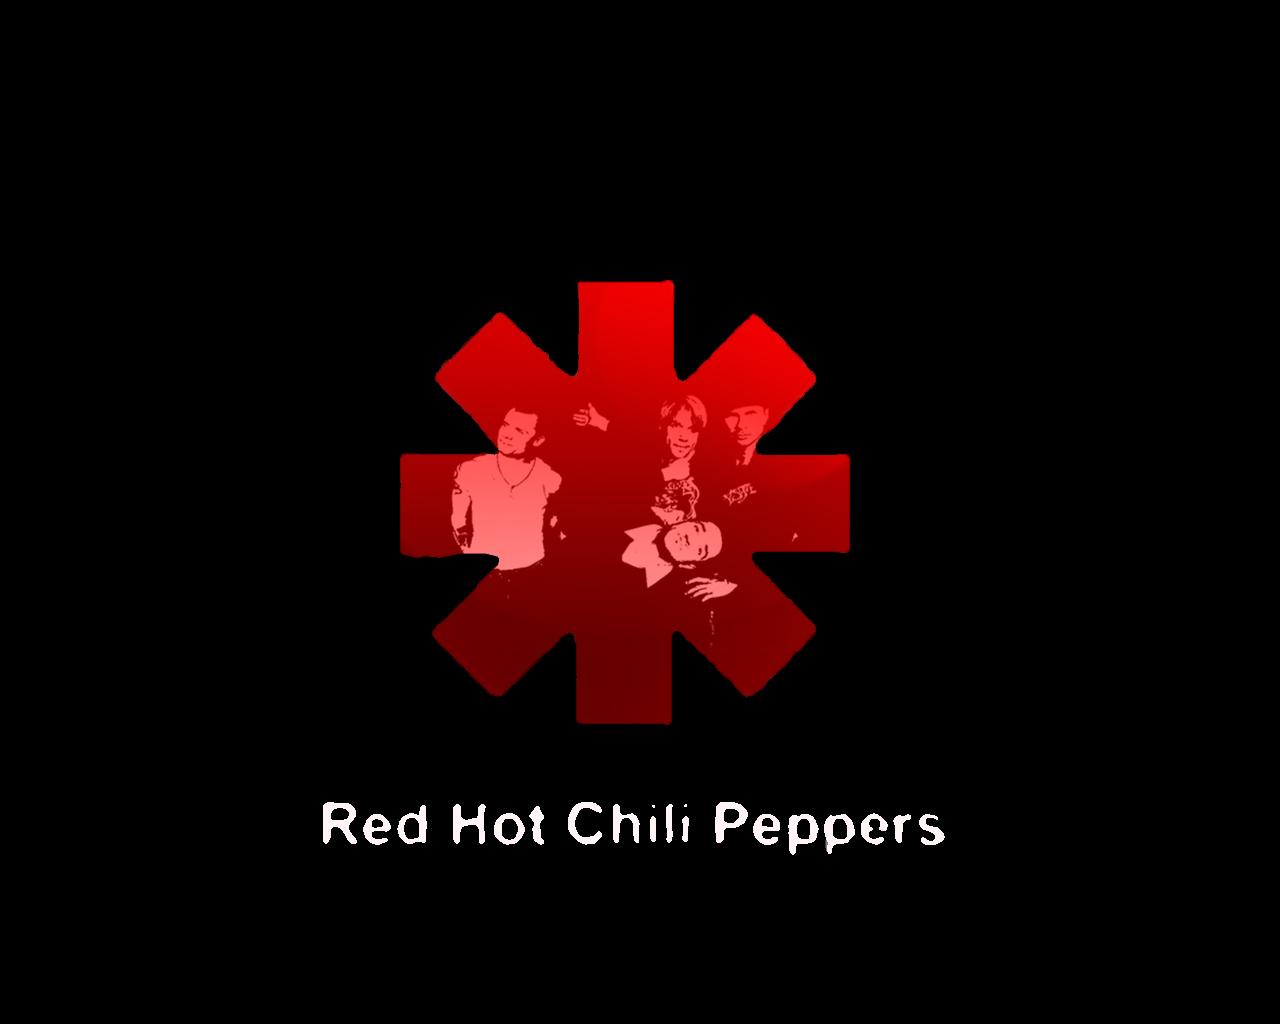 http://1.bp.blogspot.com/-HJp_Sa9eSUU/UDOIijDT8EI/AAAAAAAACA4/2OP54yqyB6M/s1600/music_red_a_chili_peppers_desktop_1280x1024_hd-wallpaper-720614.jpg